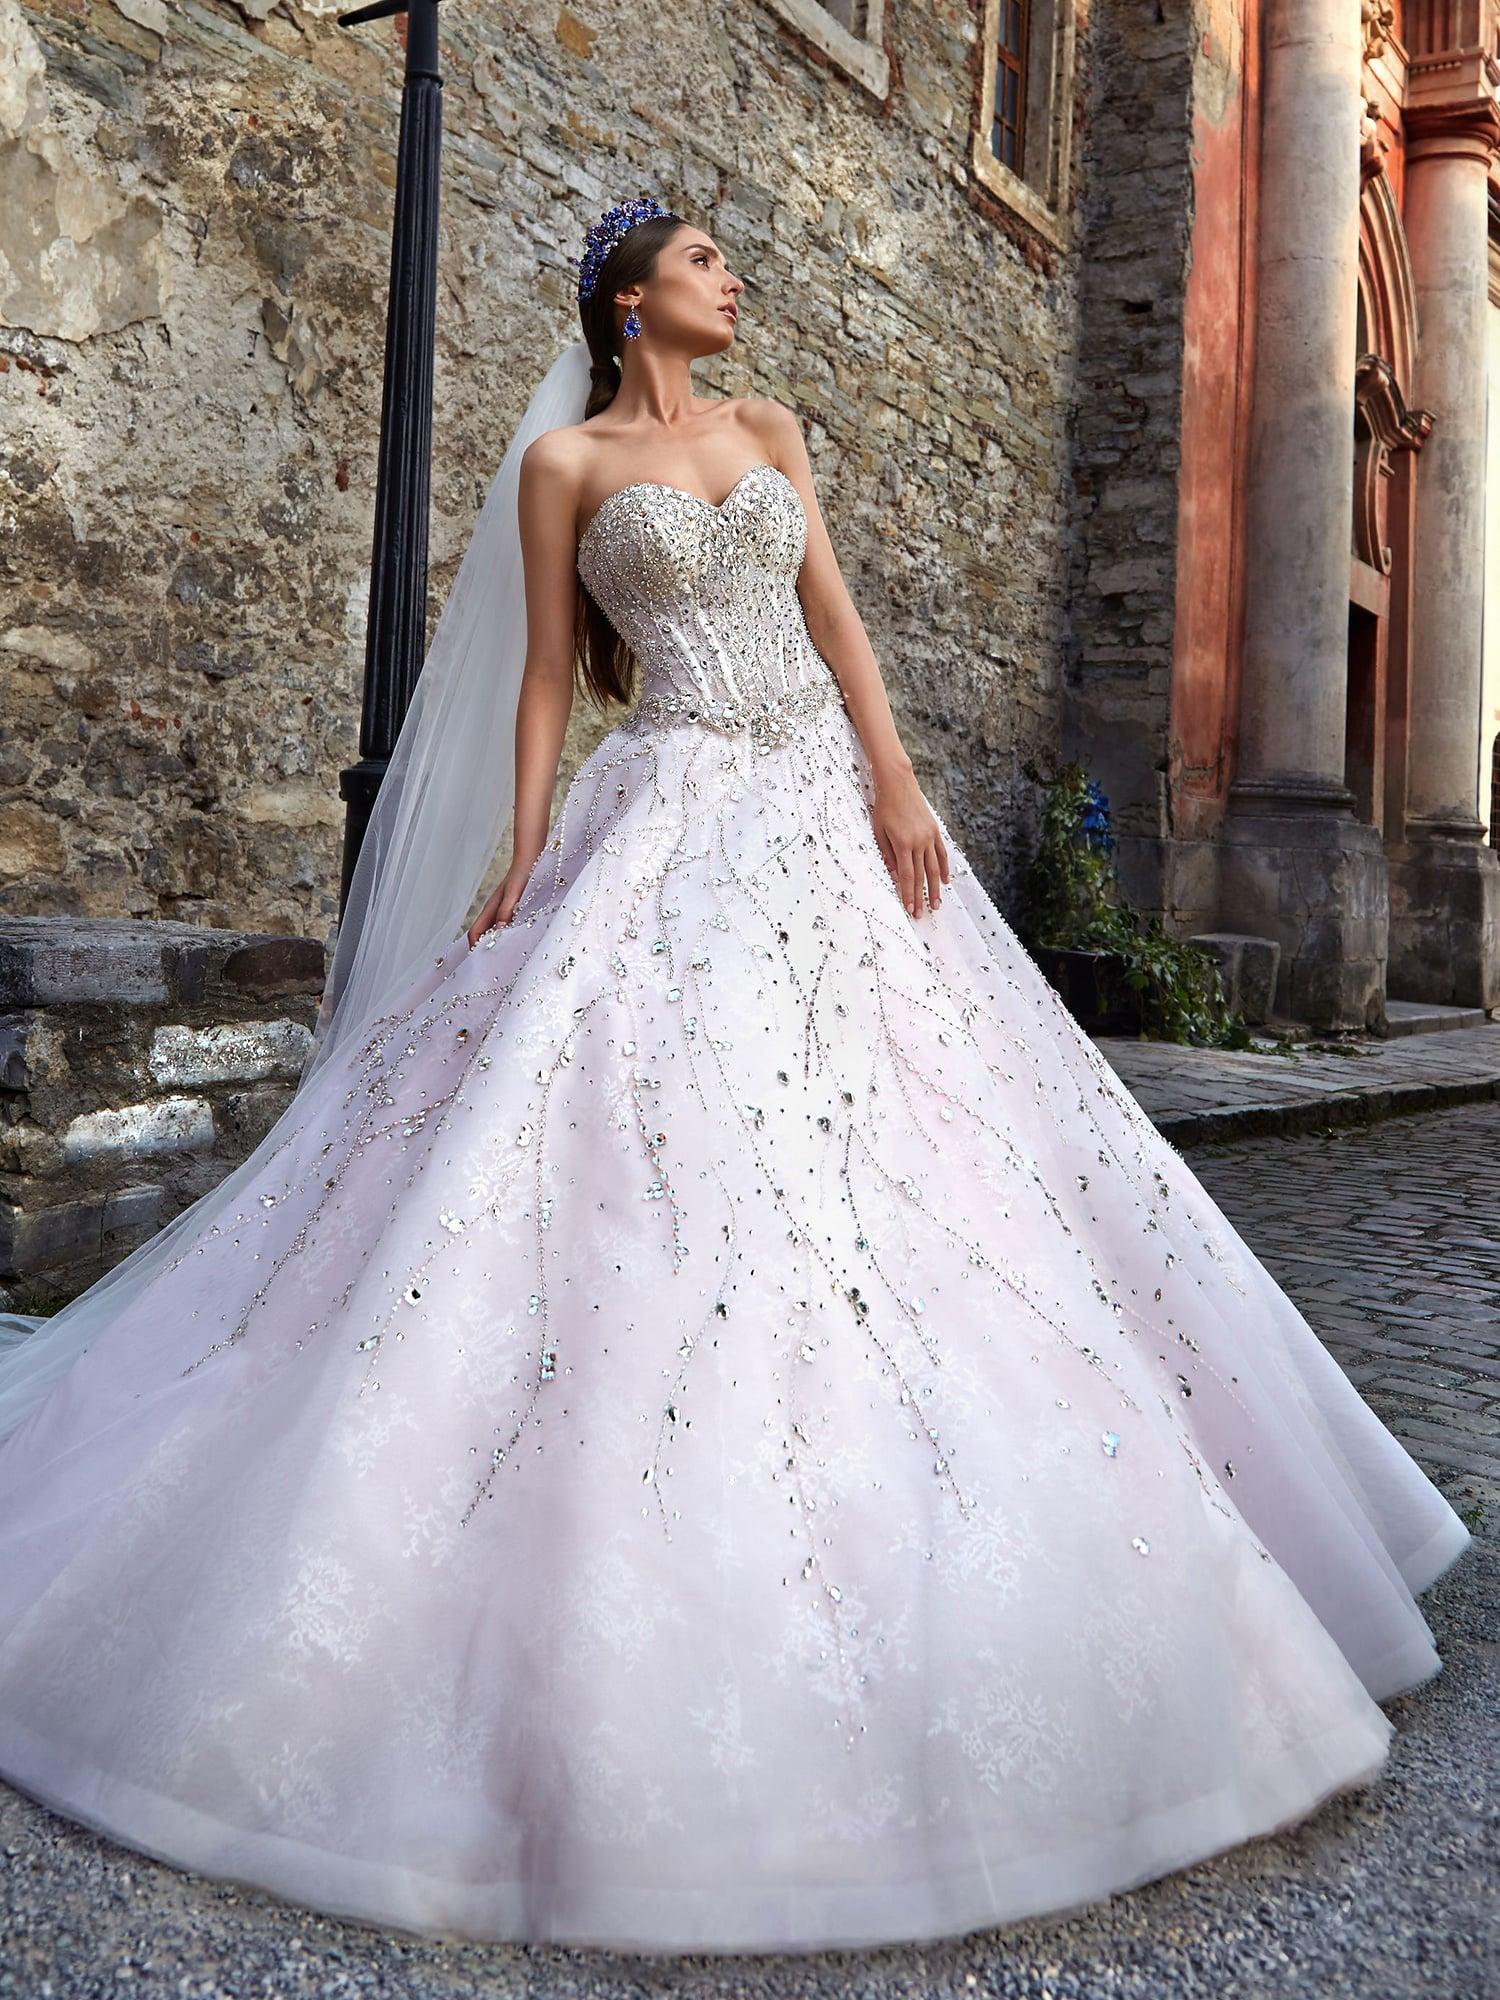 269d01e9e3c21dc свадебное платье с открытым корсетом, покрытым плотным слоем серебристой  вышивки.